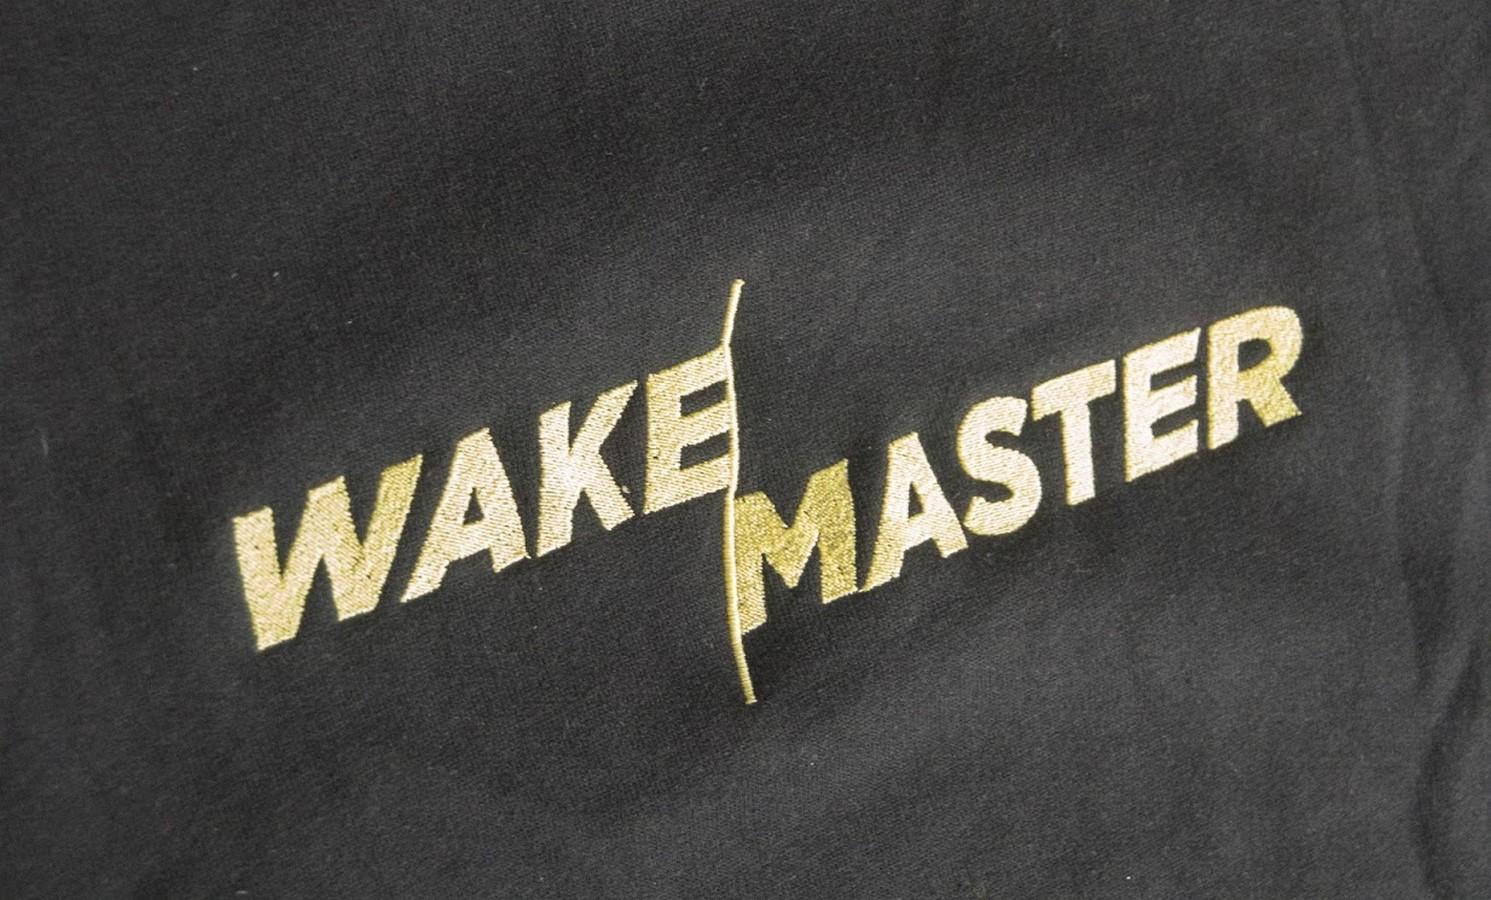 Výšivka pro WAKE MASTER